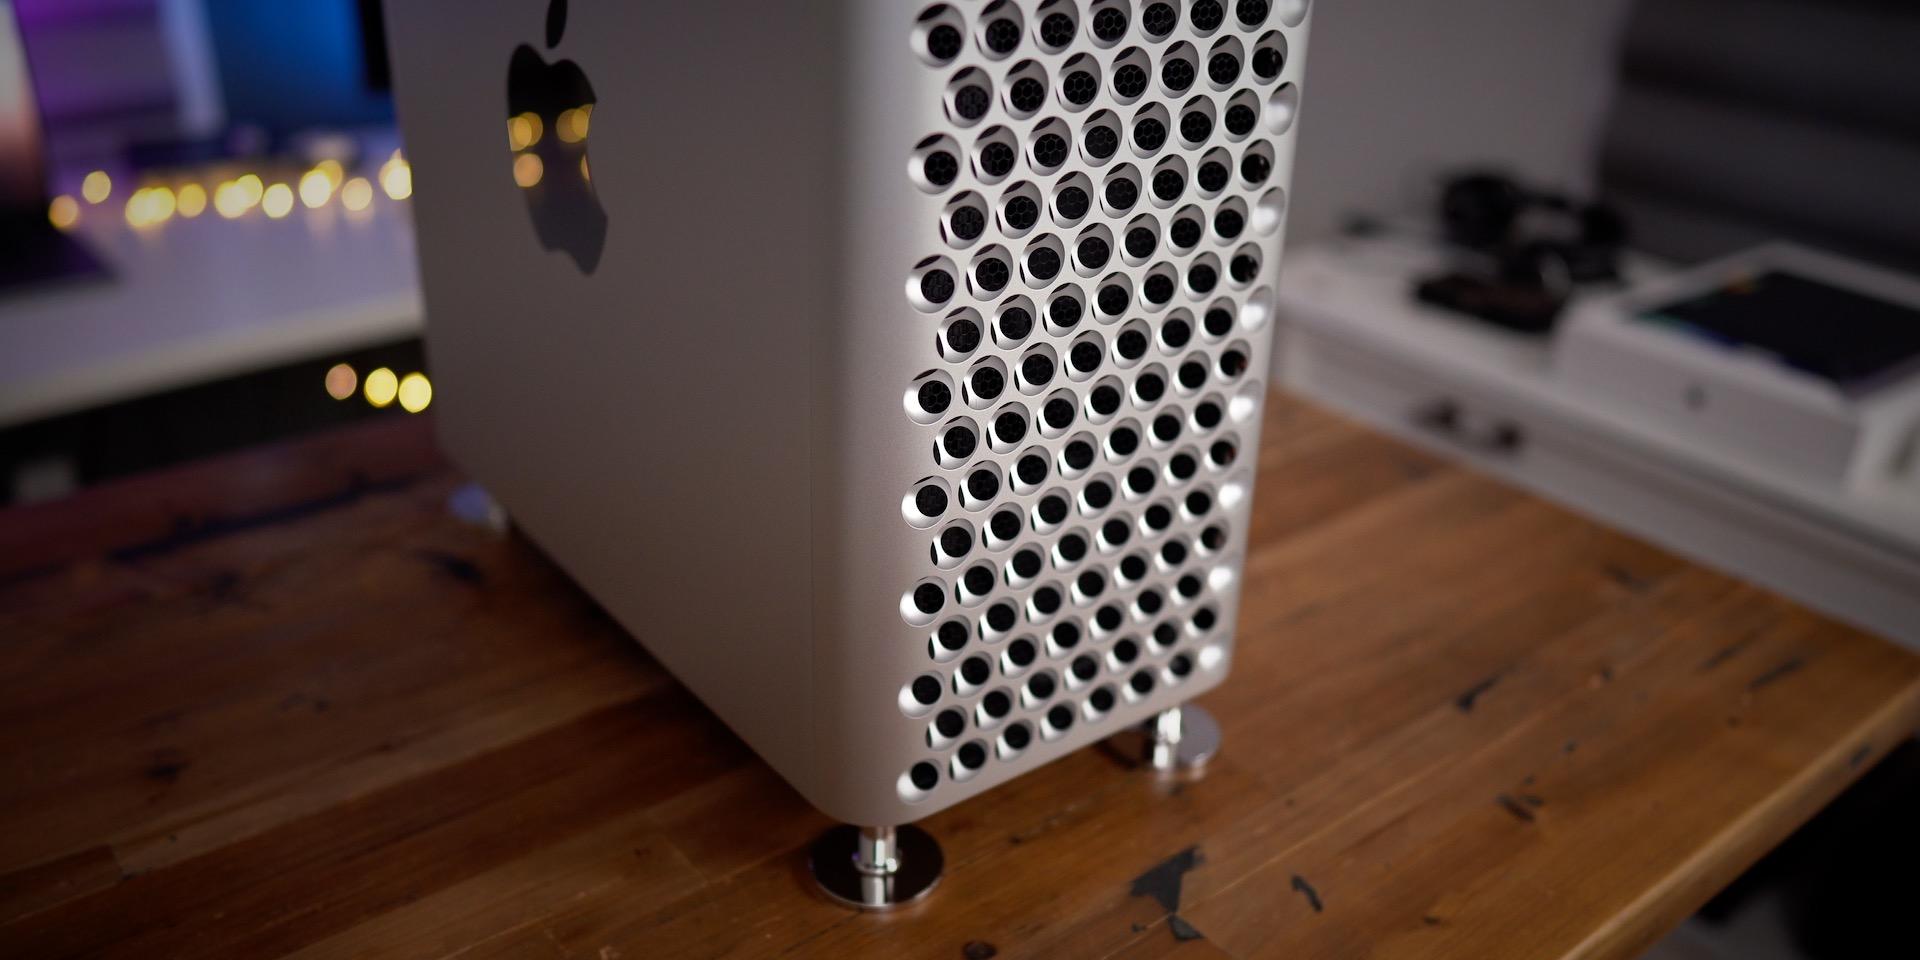 Mac Pro feet